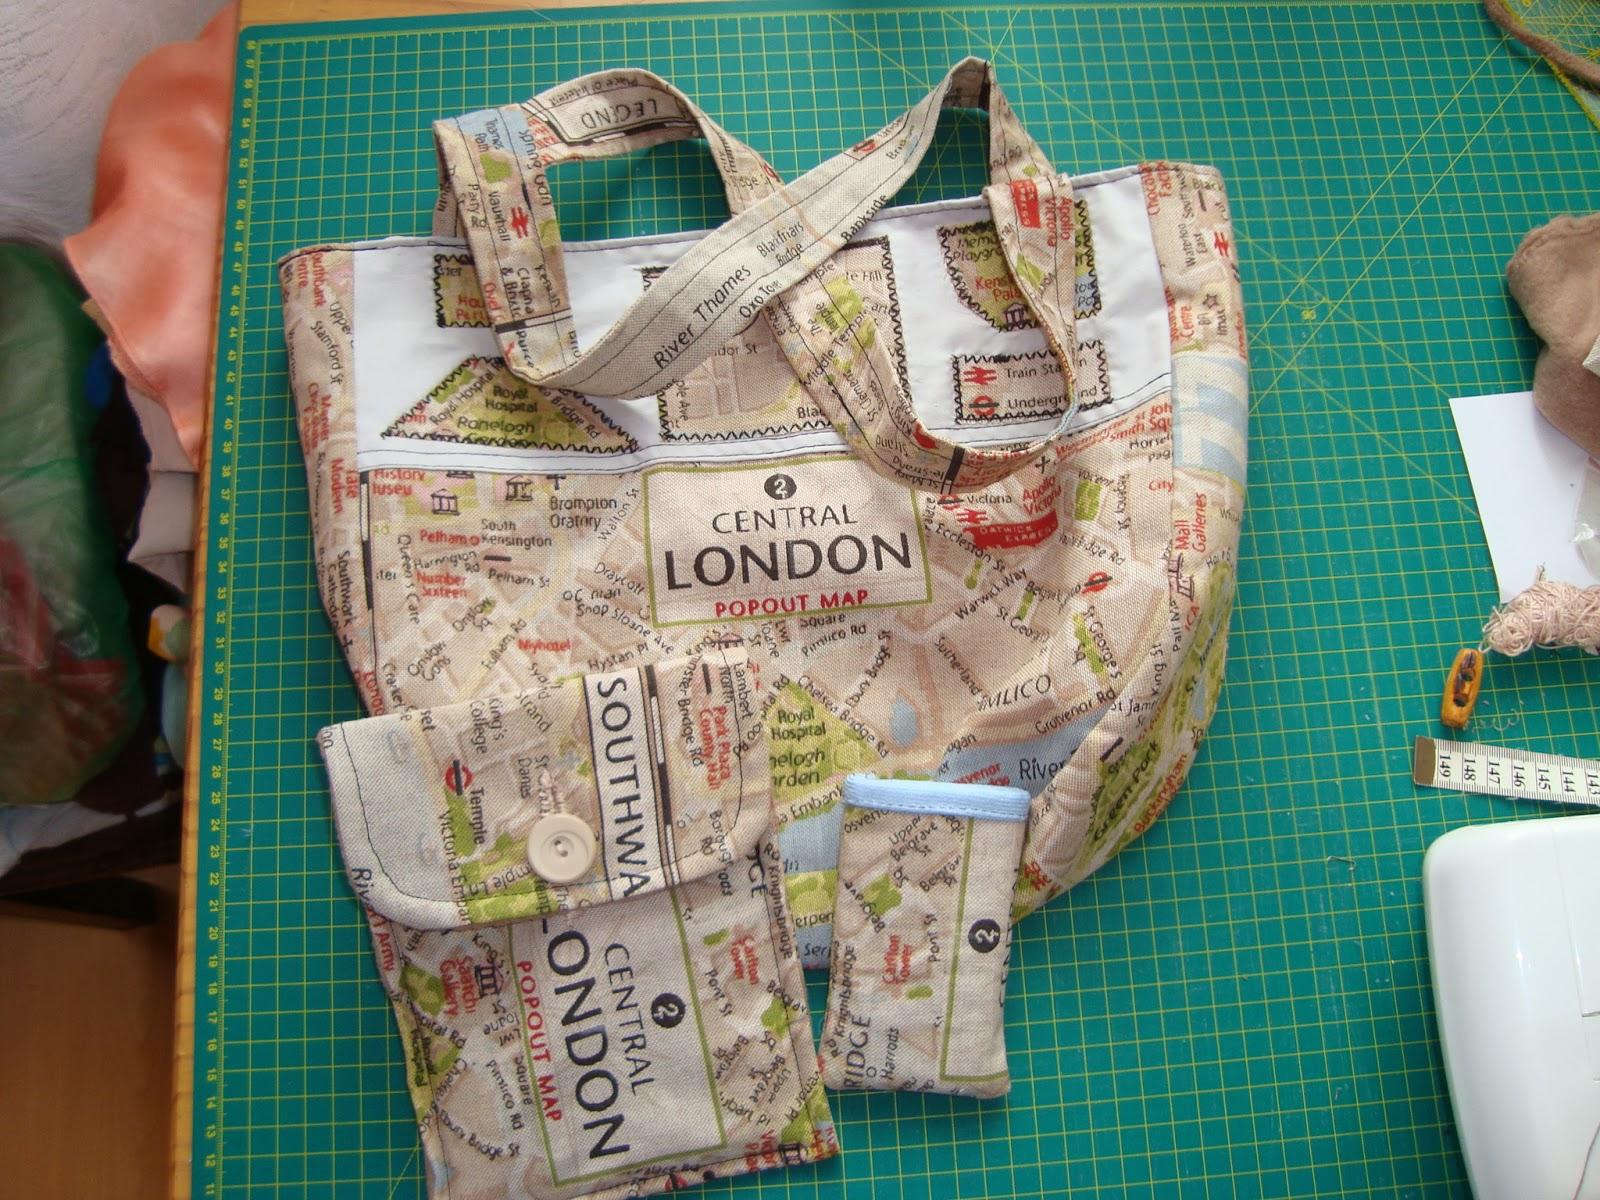 Nähen und Handarbeiten mit ilonciaLu: Schnittmuster für eine Tasche ...